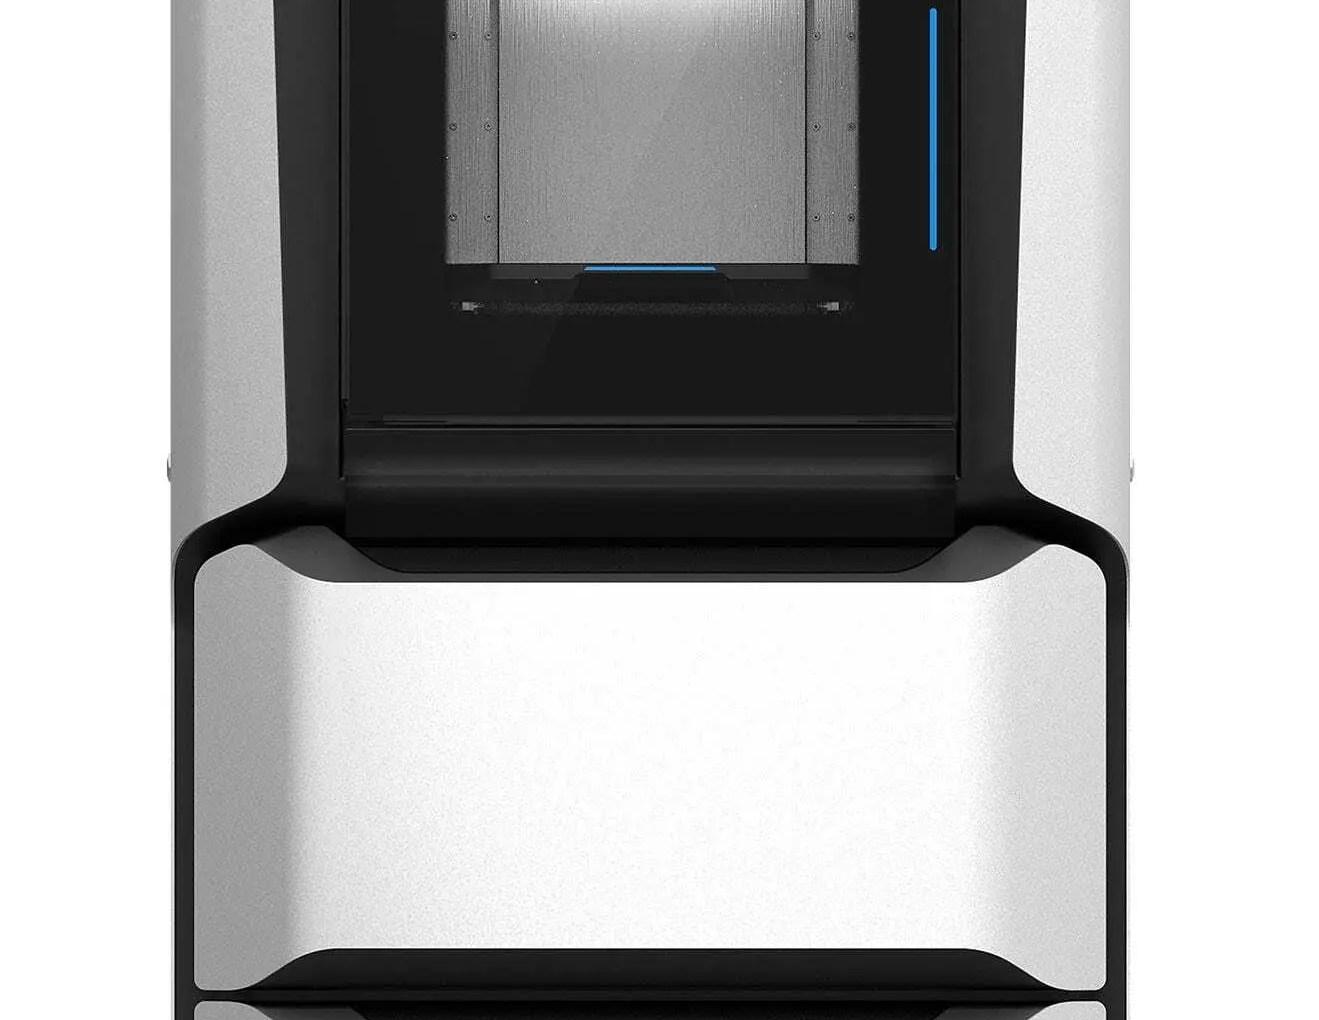 Impressoras 3D Stratasys Série F123 -  F120,F170, F270 e F370   FDM